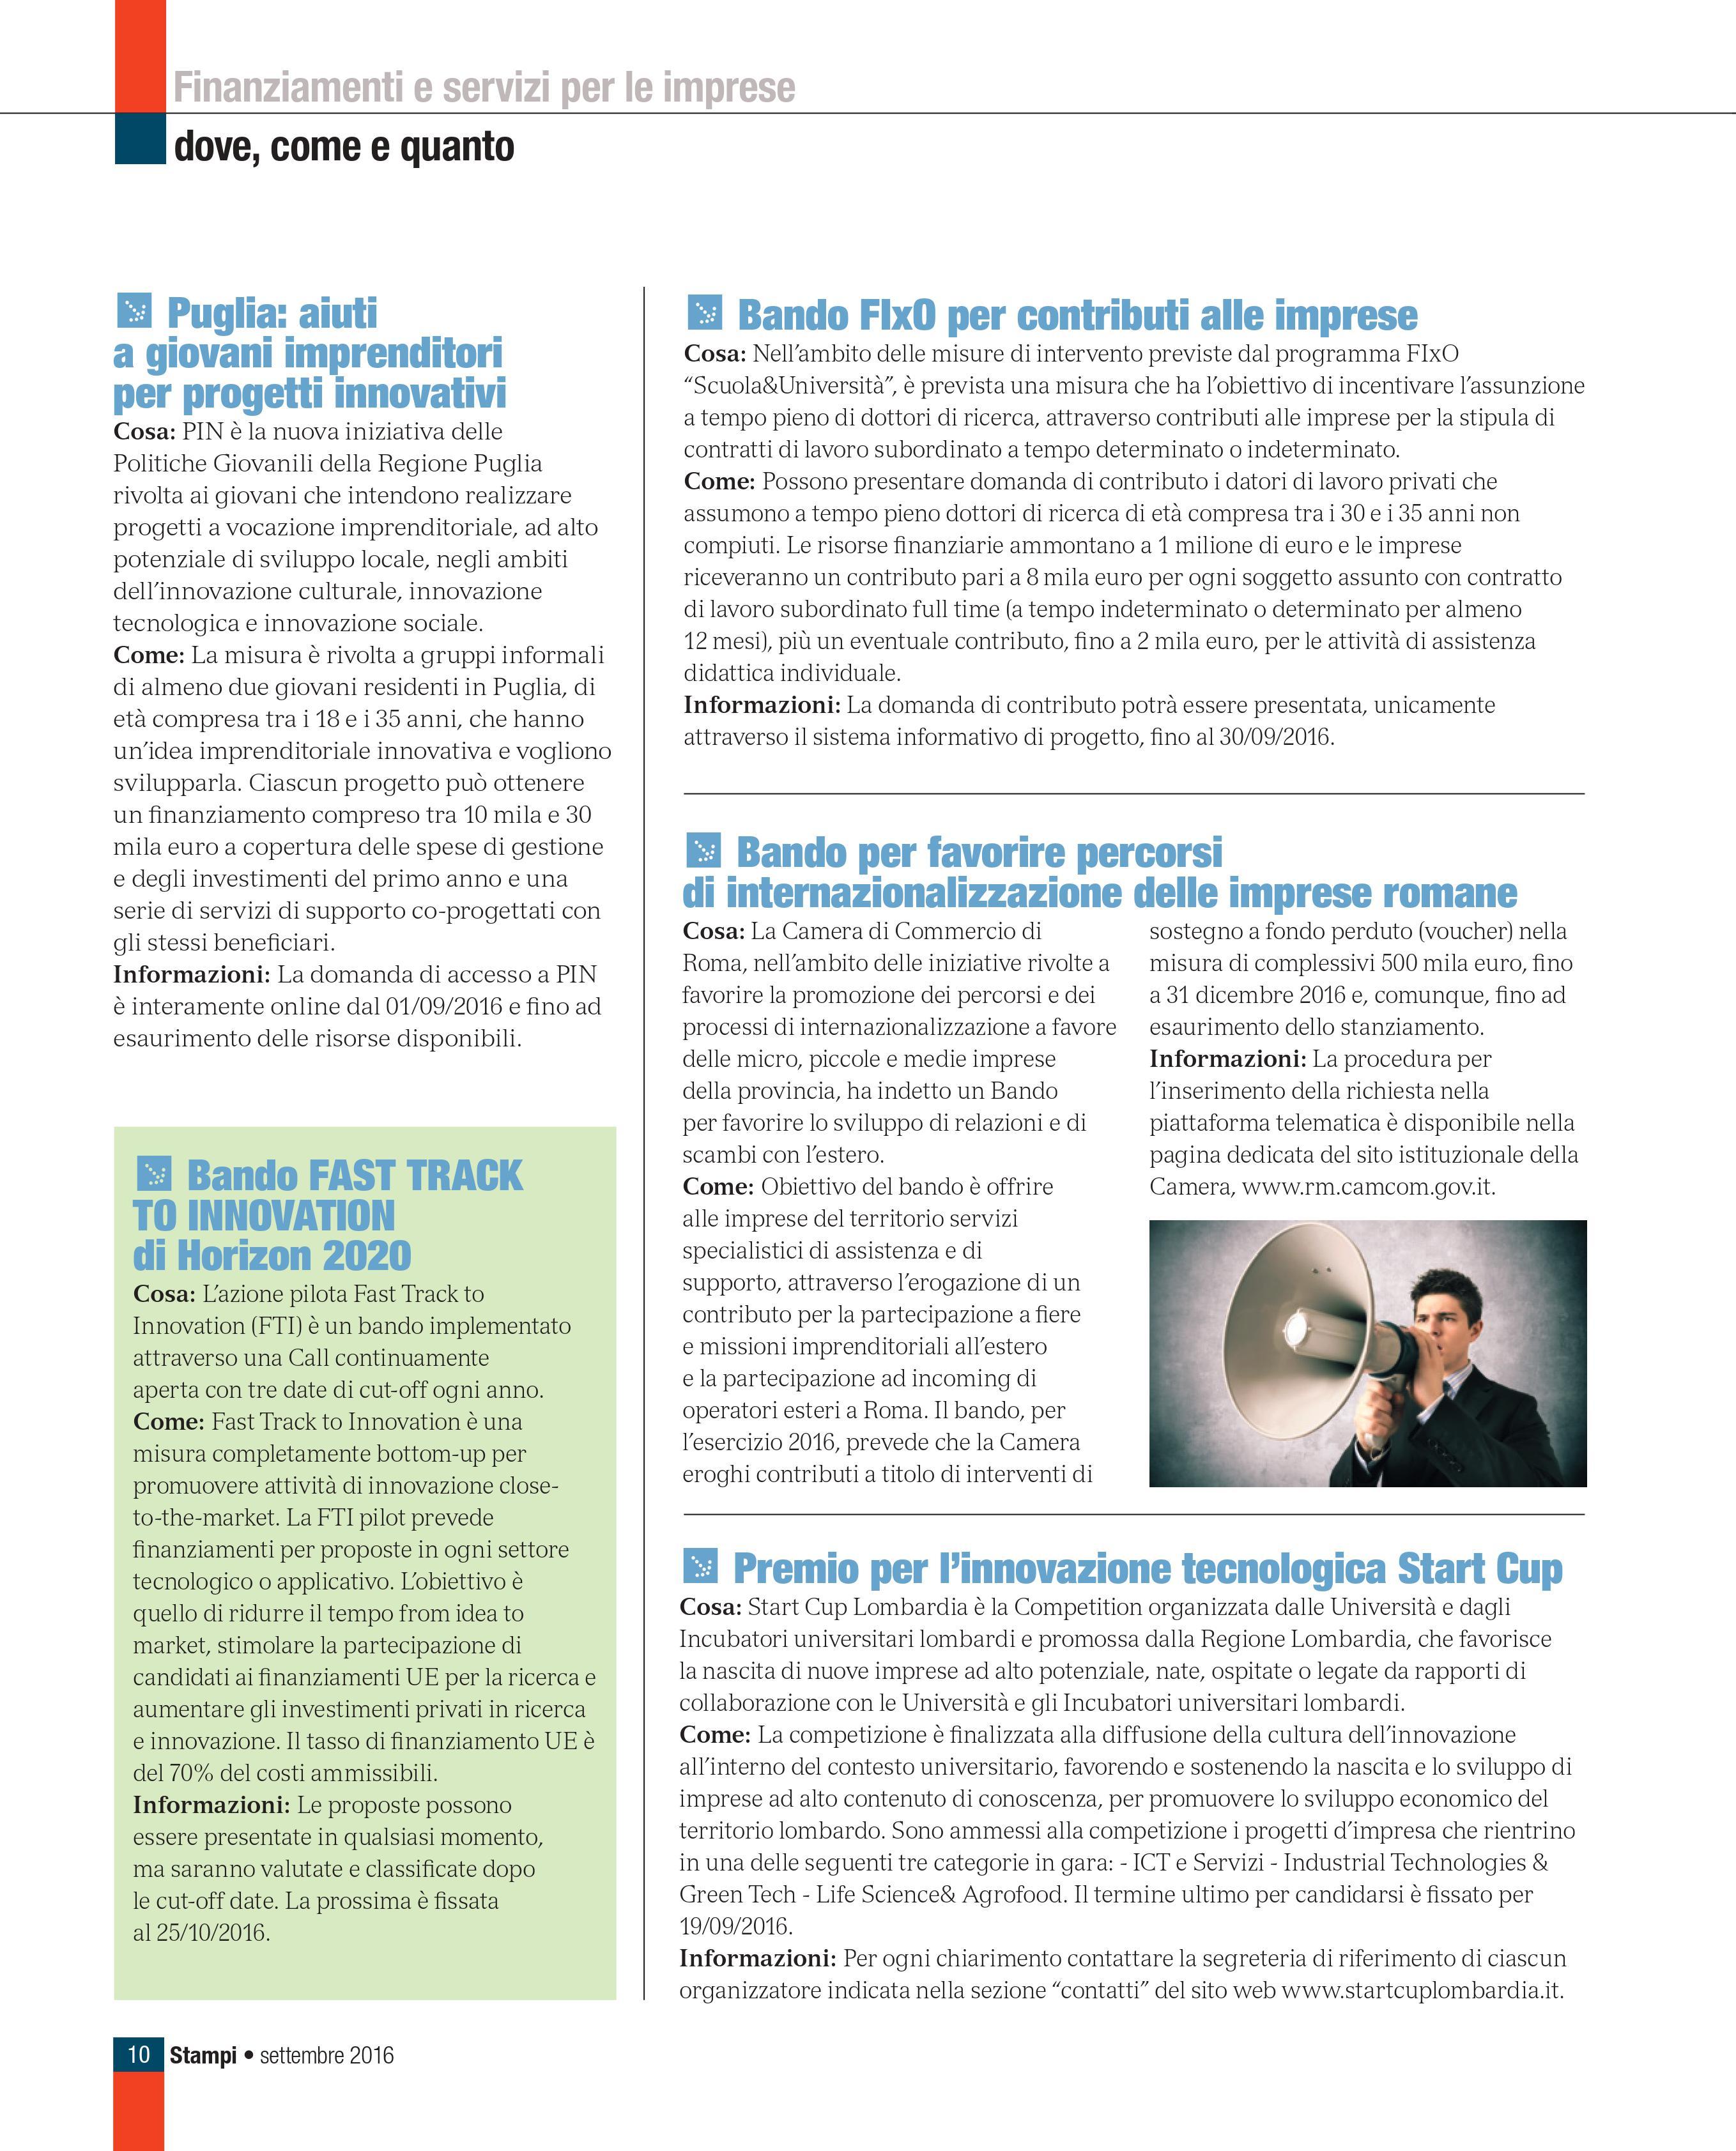 Rubrica internazionalizzazione e finanziamenti alle imprese Stampi